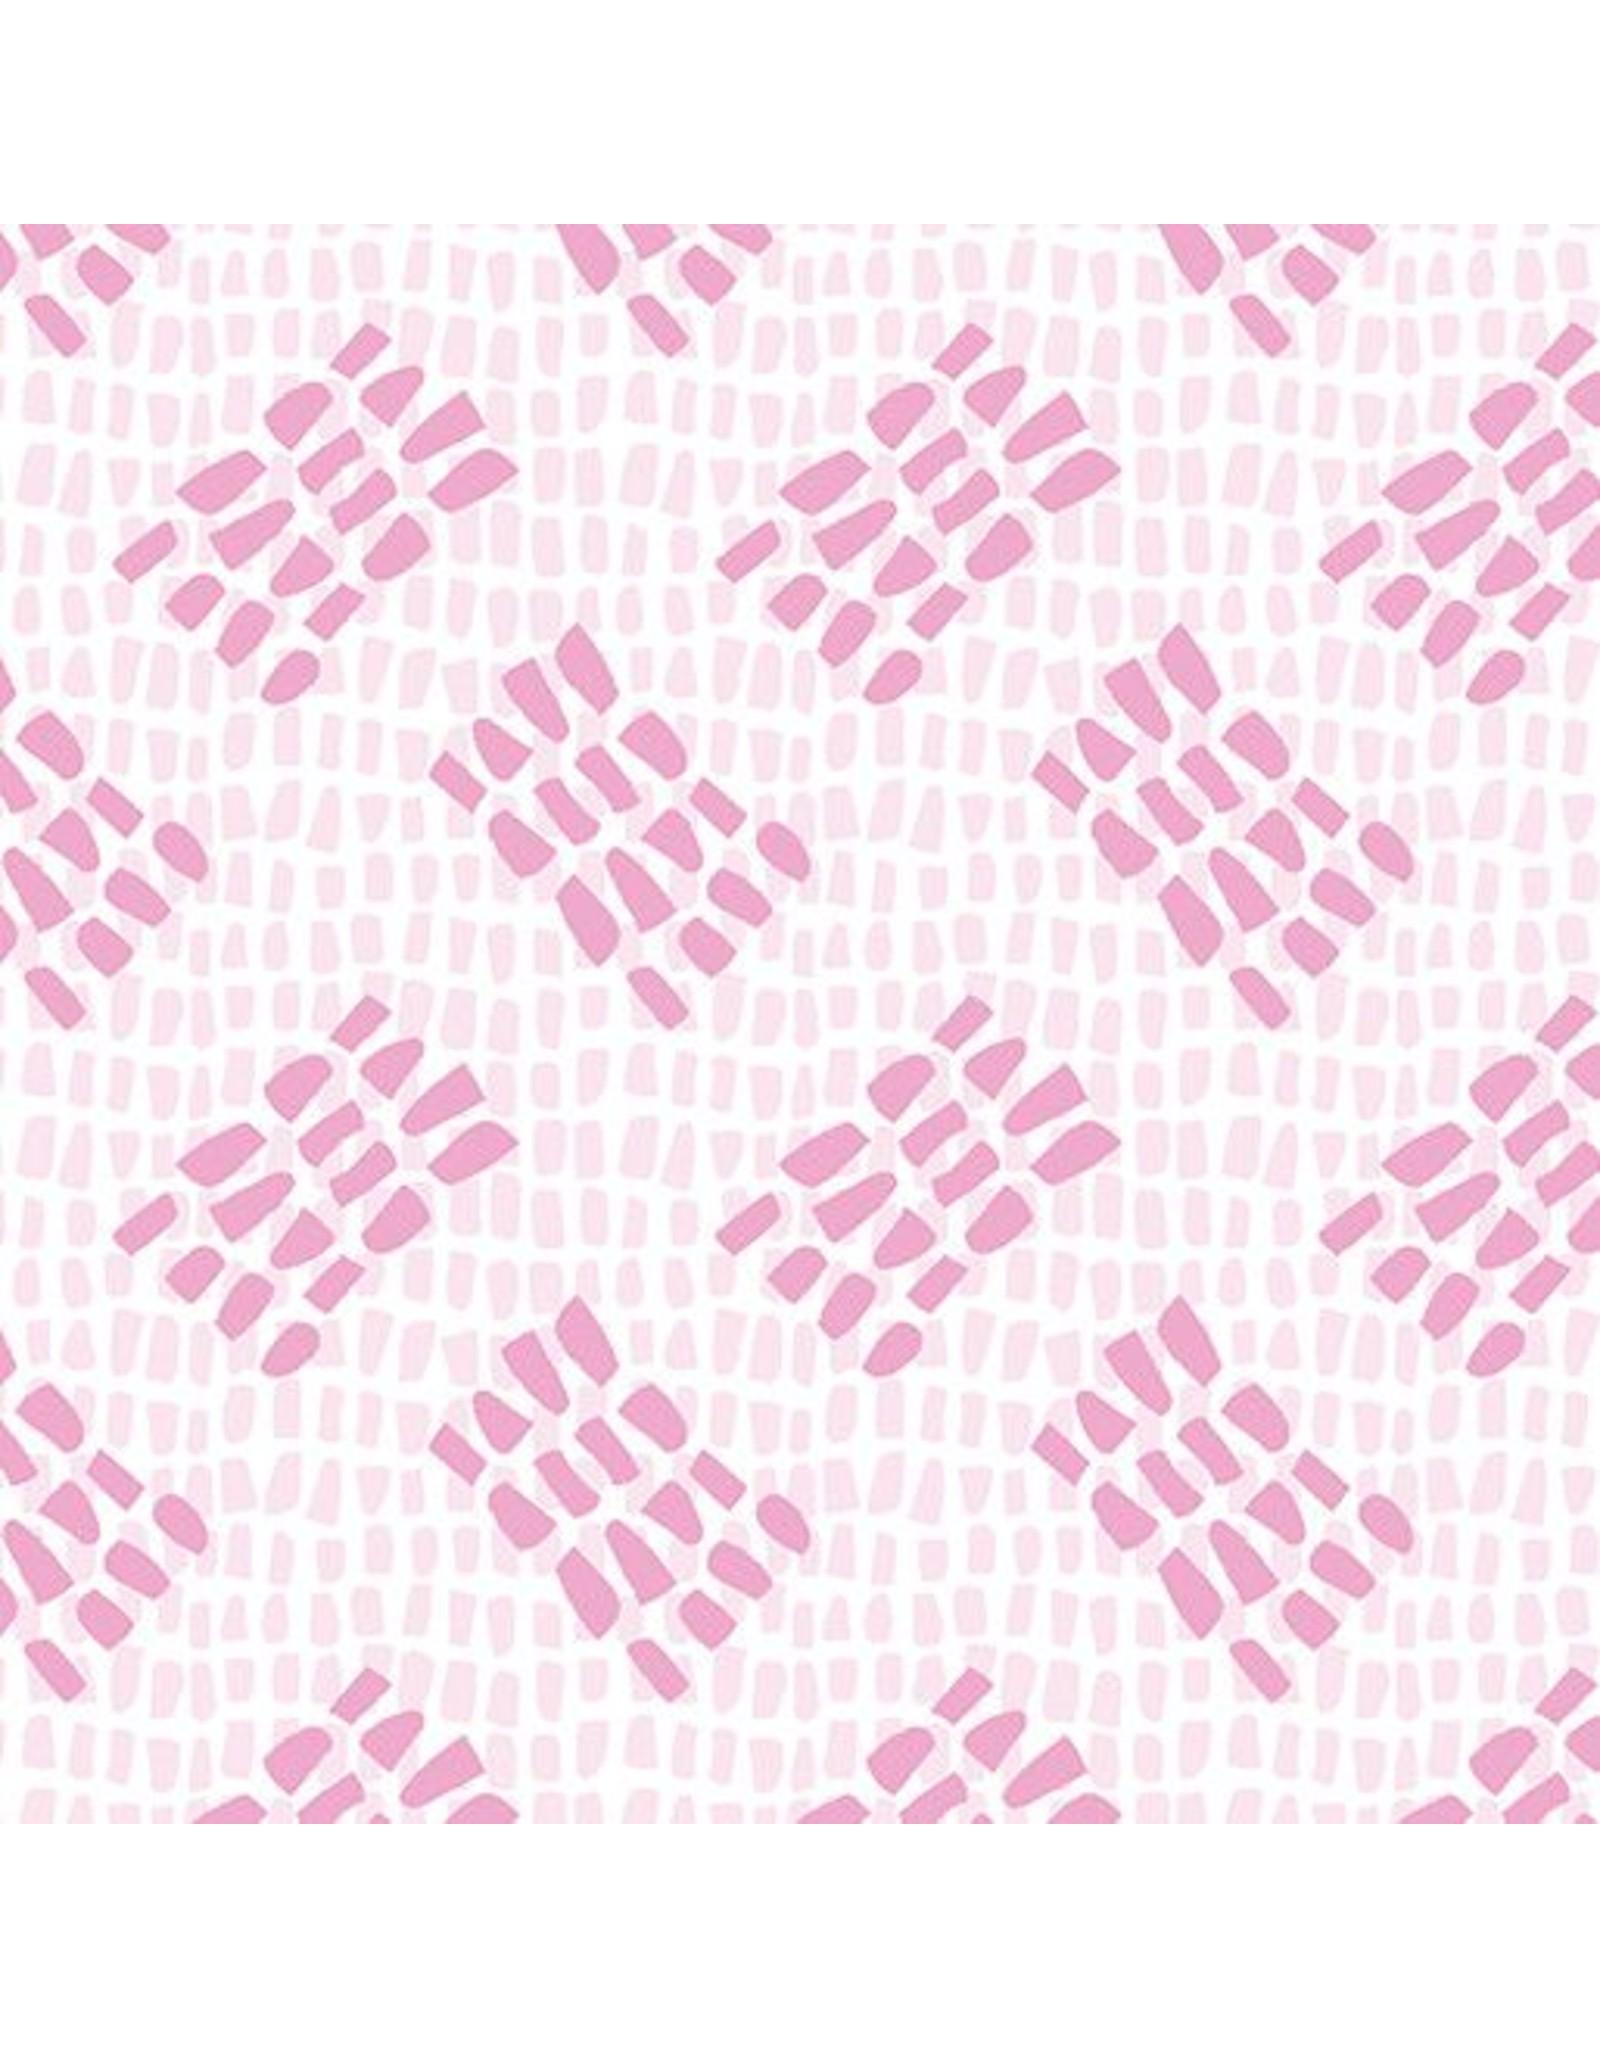 Contempo Abstract Garden - Tracks Light Pink